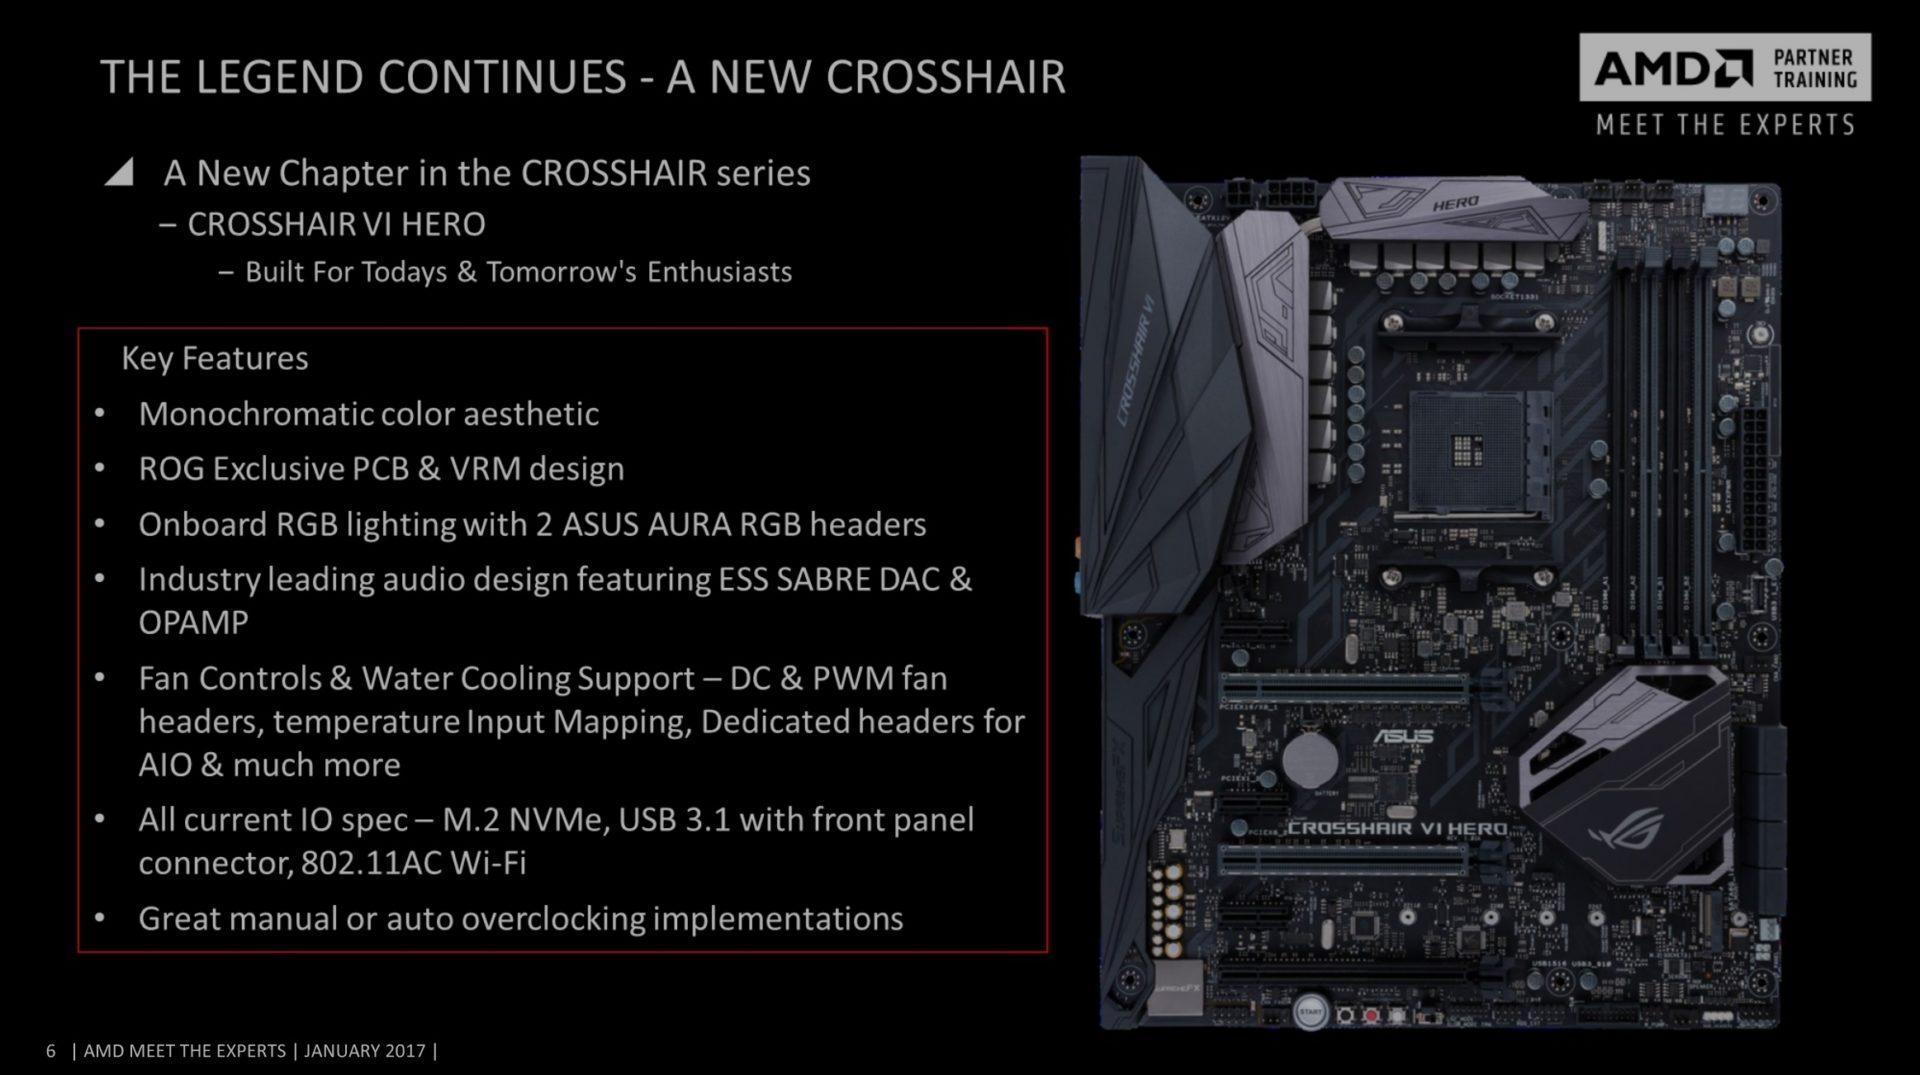 ASUS-Crosshair-VI-Hero-1.jpg